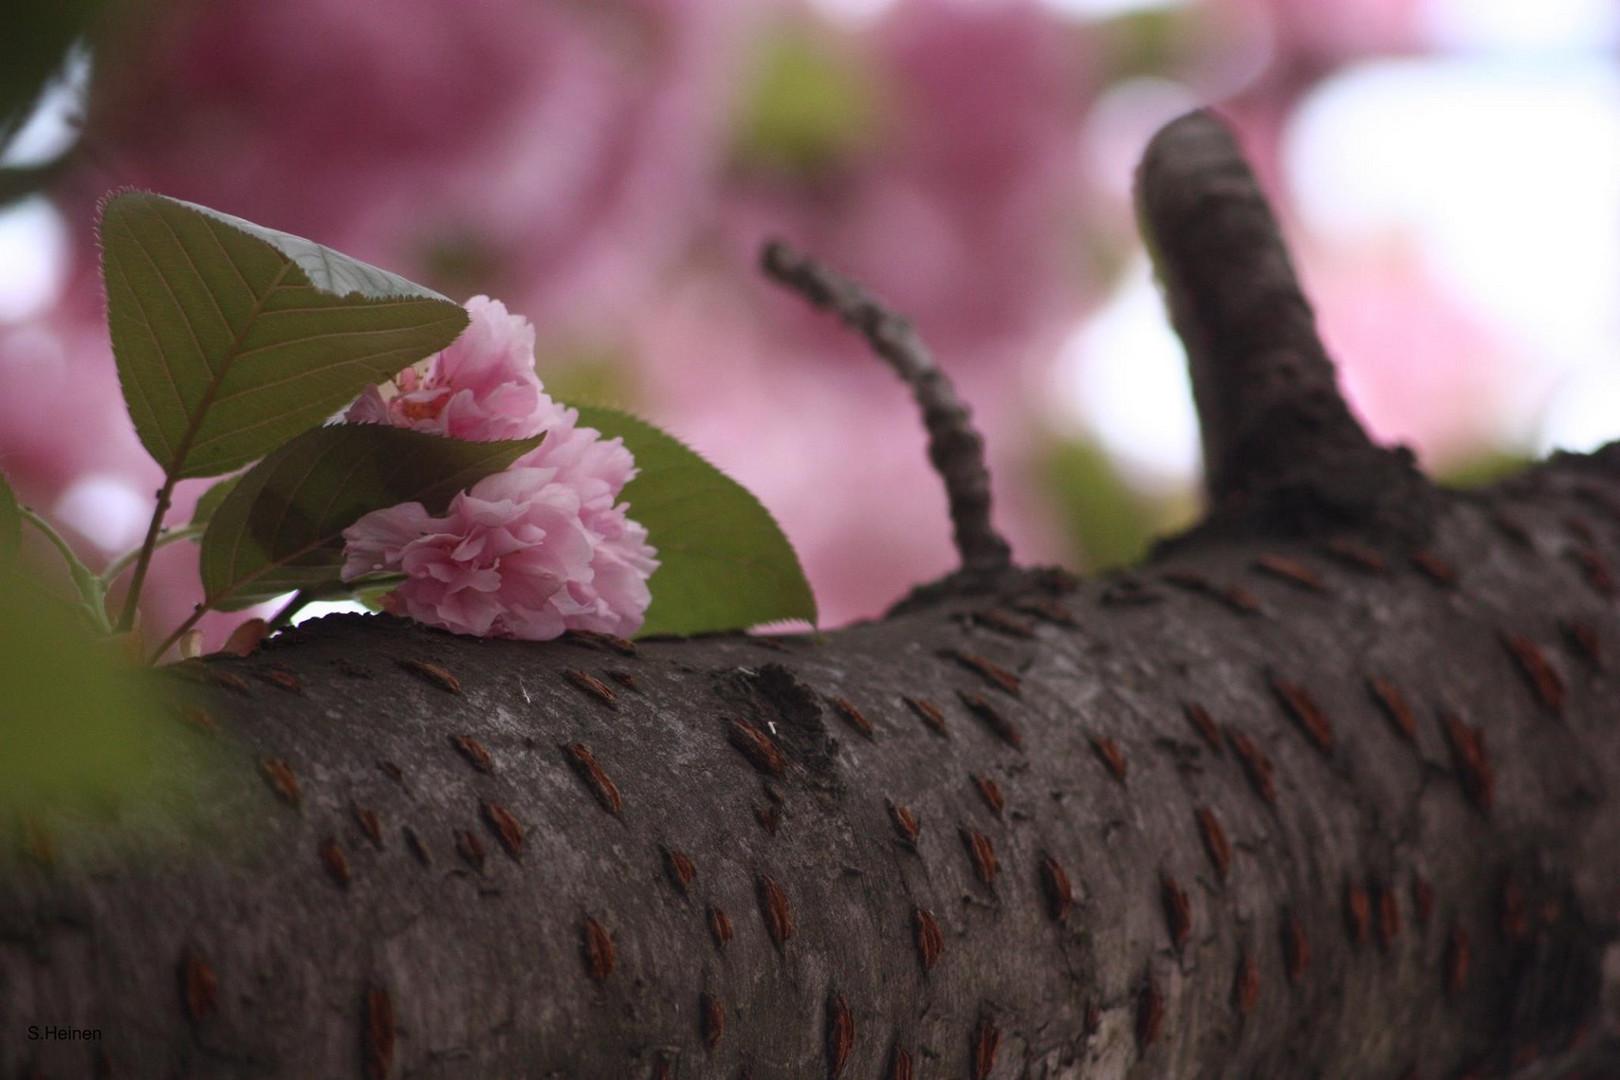 Kirschblüten am Baum2